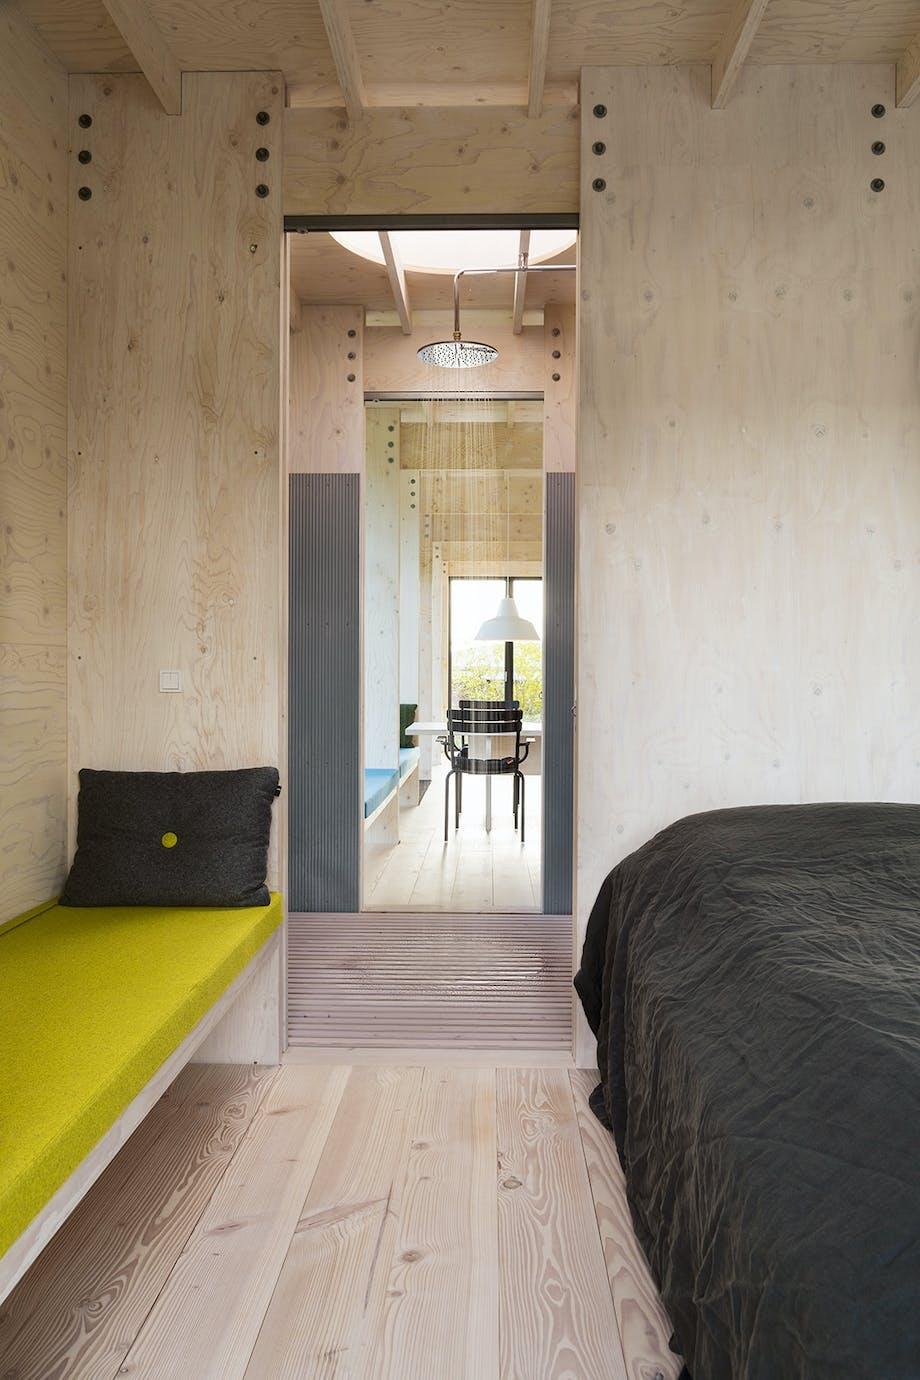 Rene linjer gennem sommerhuset. Soveværelse, badeværelse og stue.